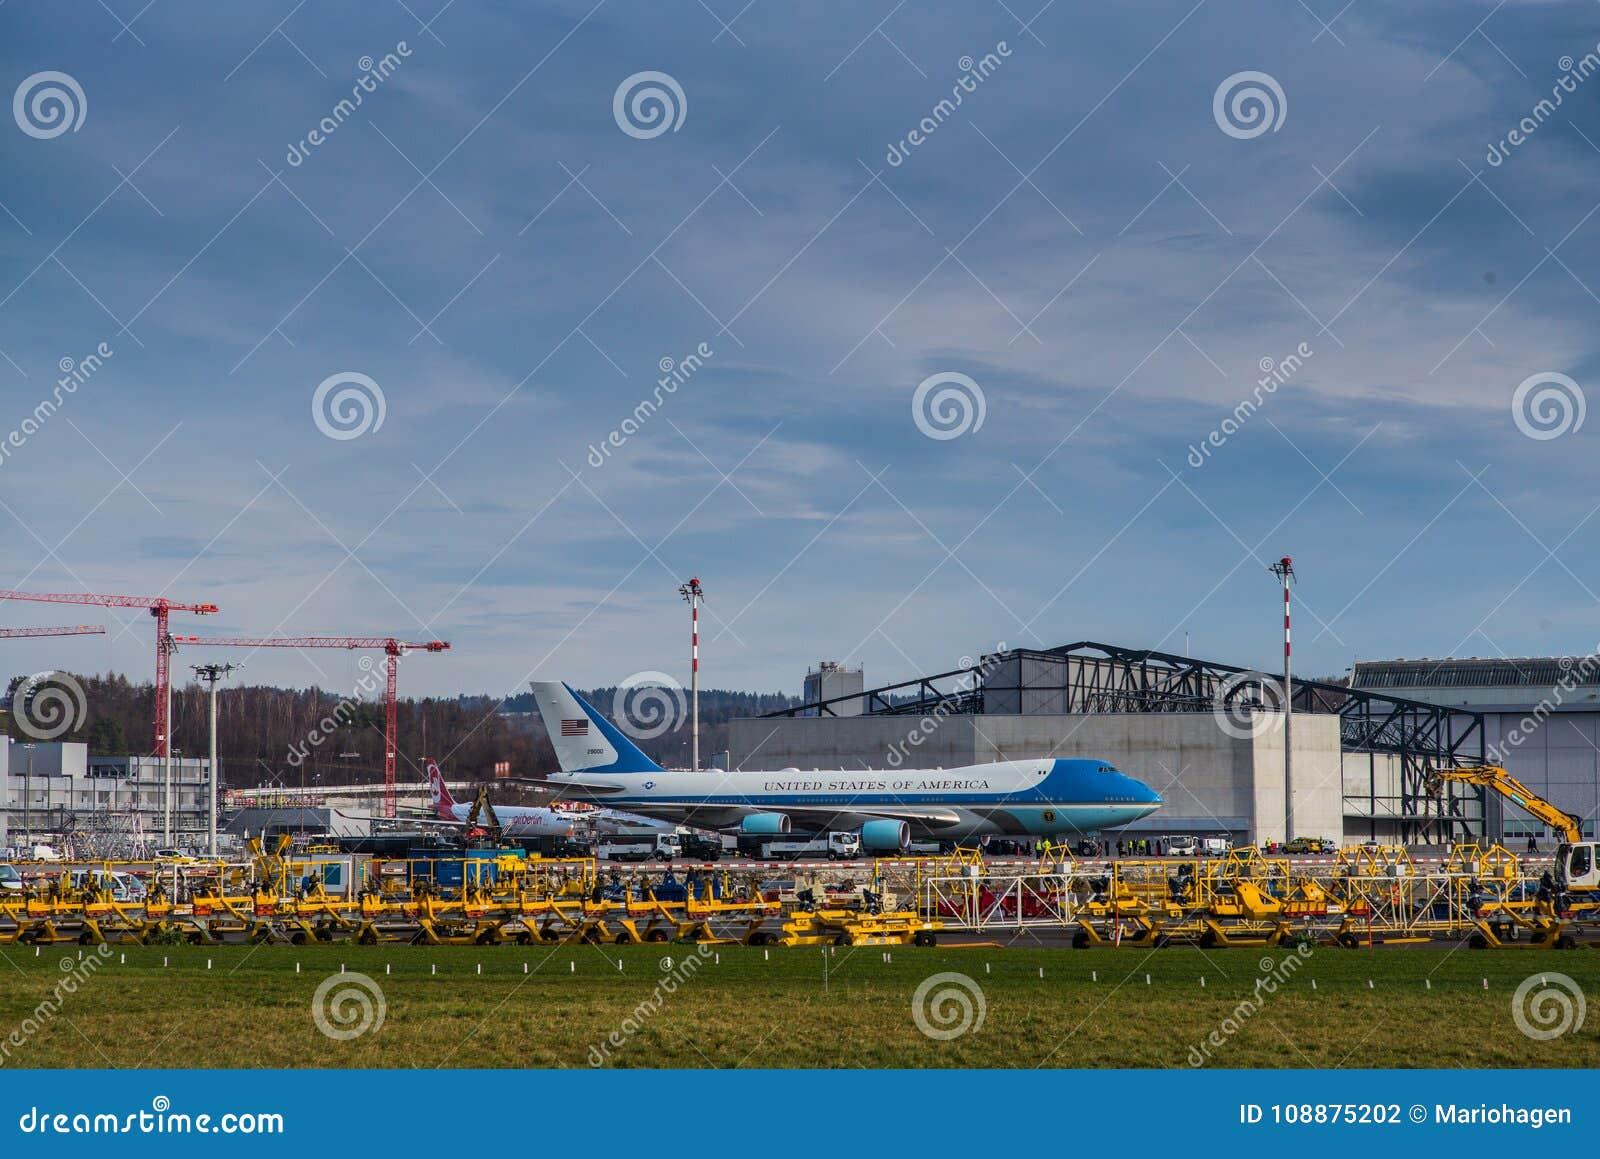 Air Force One parqueó en el aeropuerto de Zurich